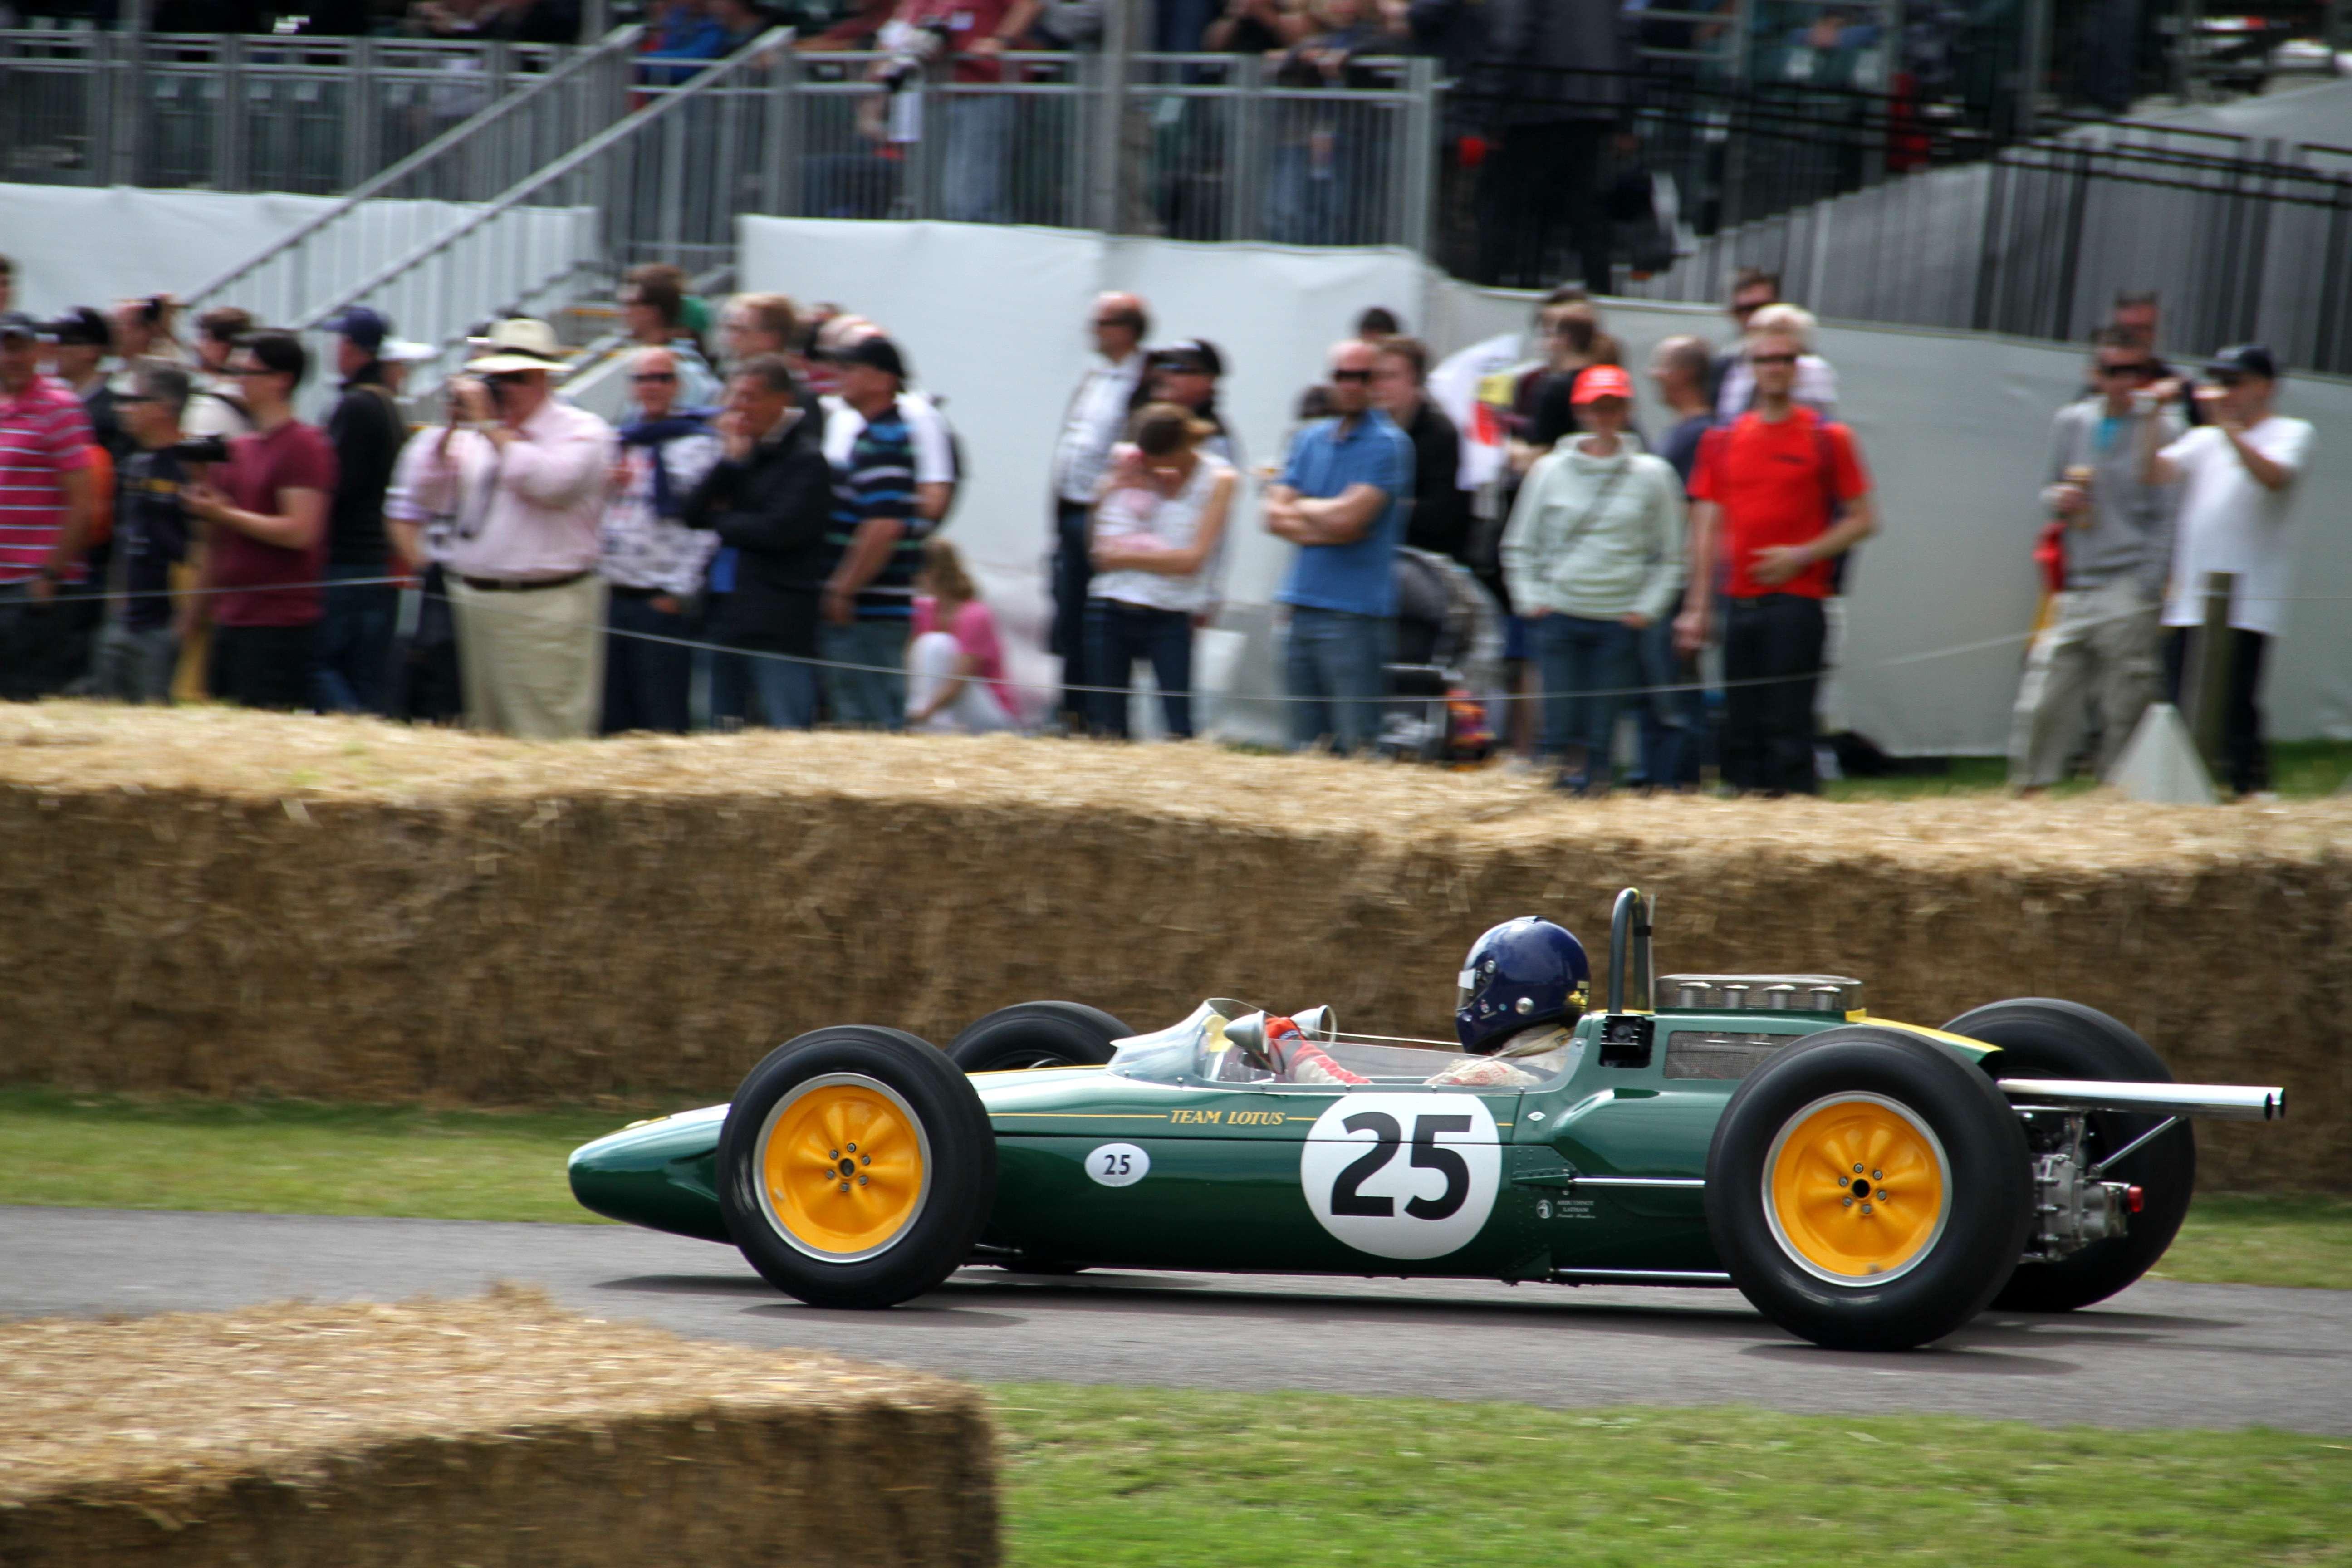 Lotus F1 2